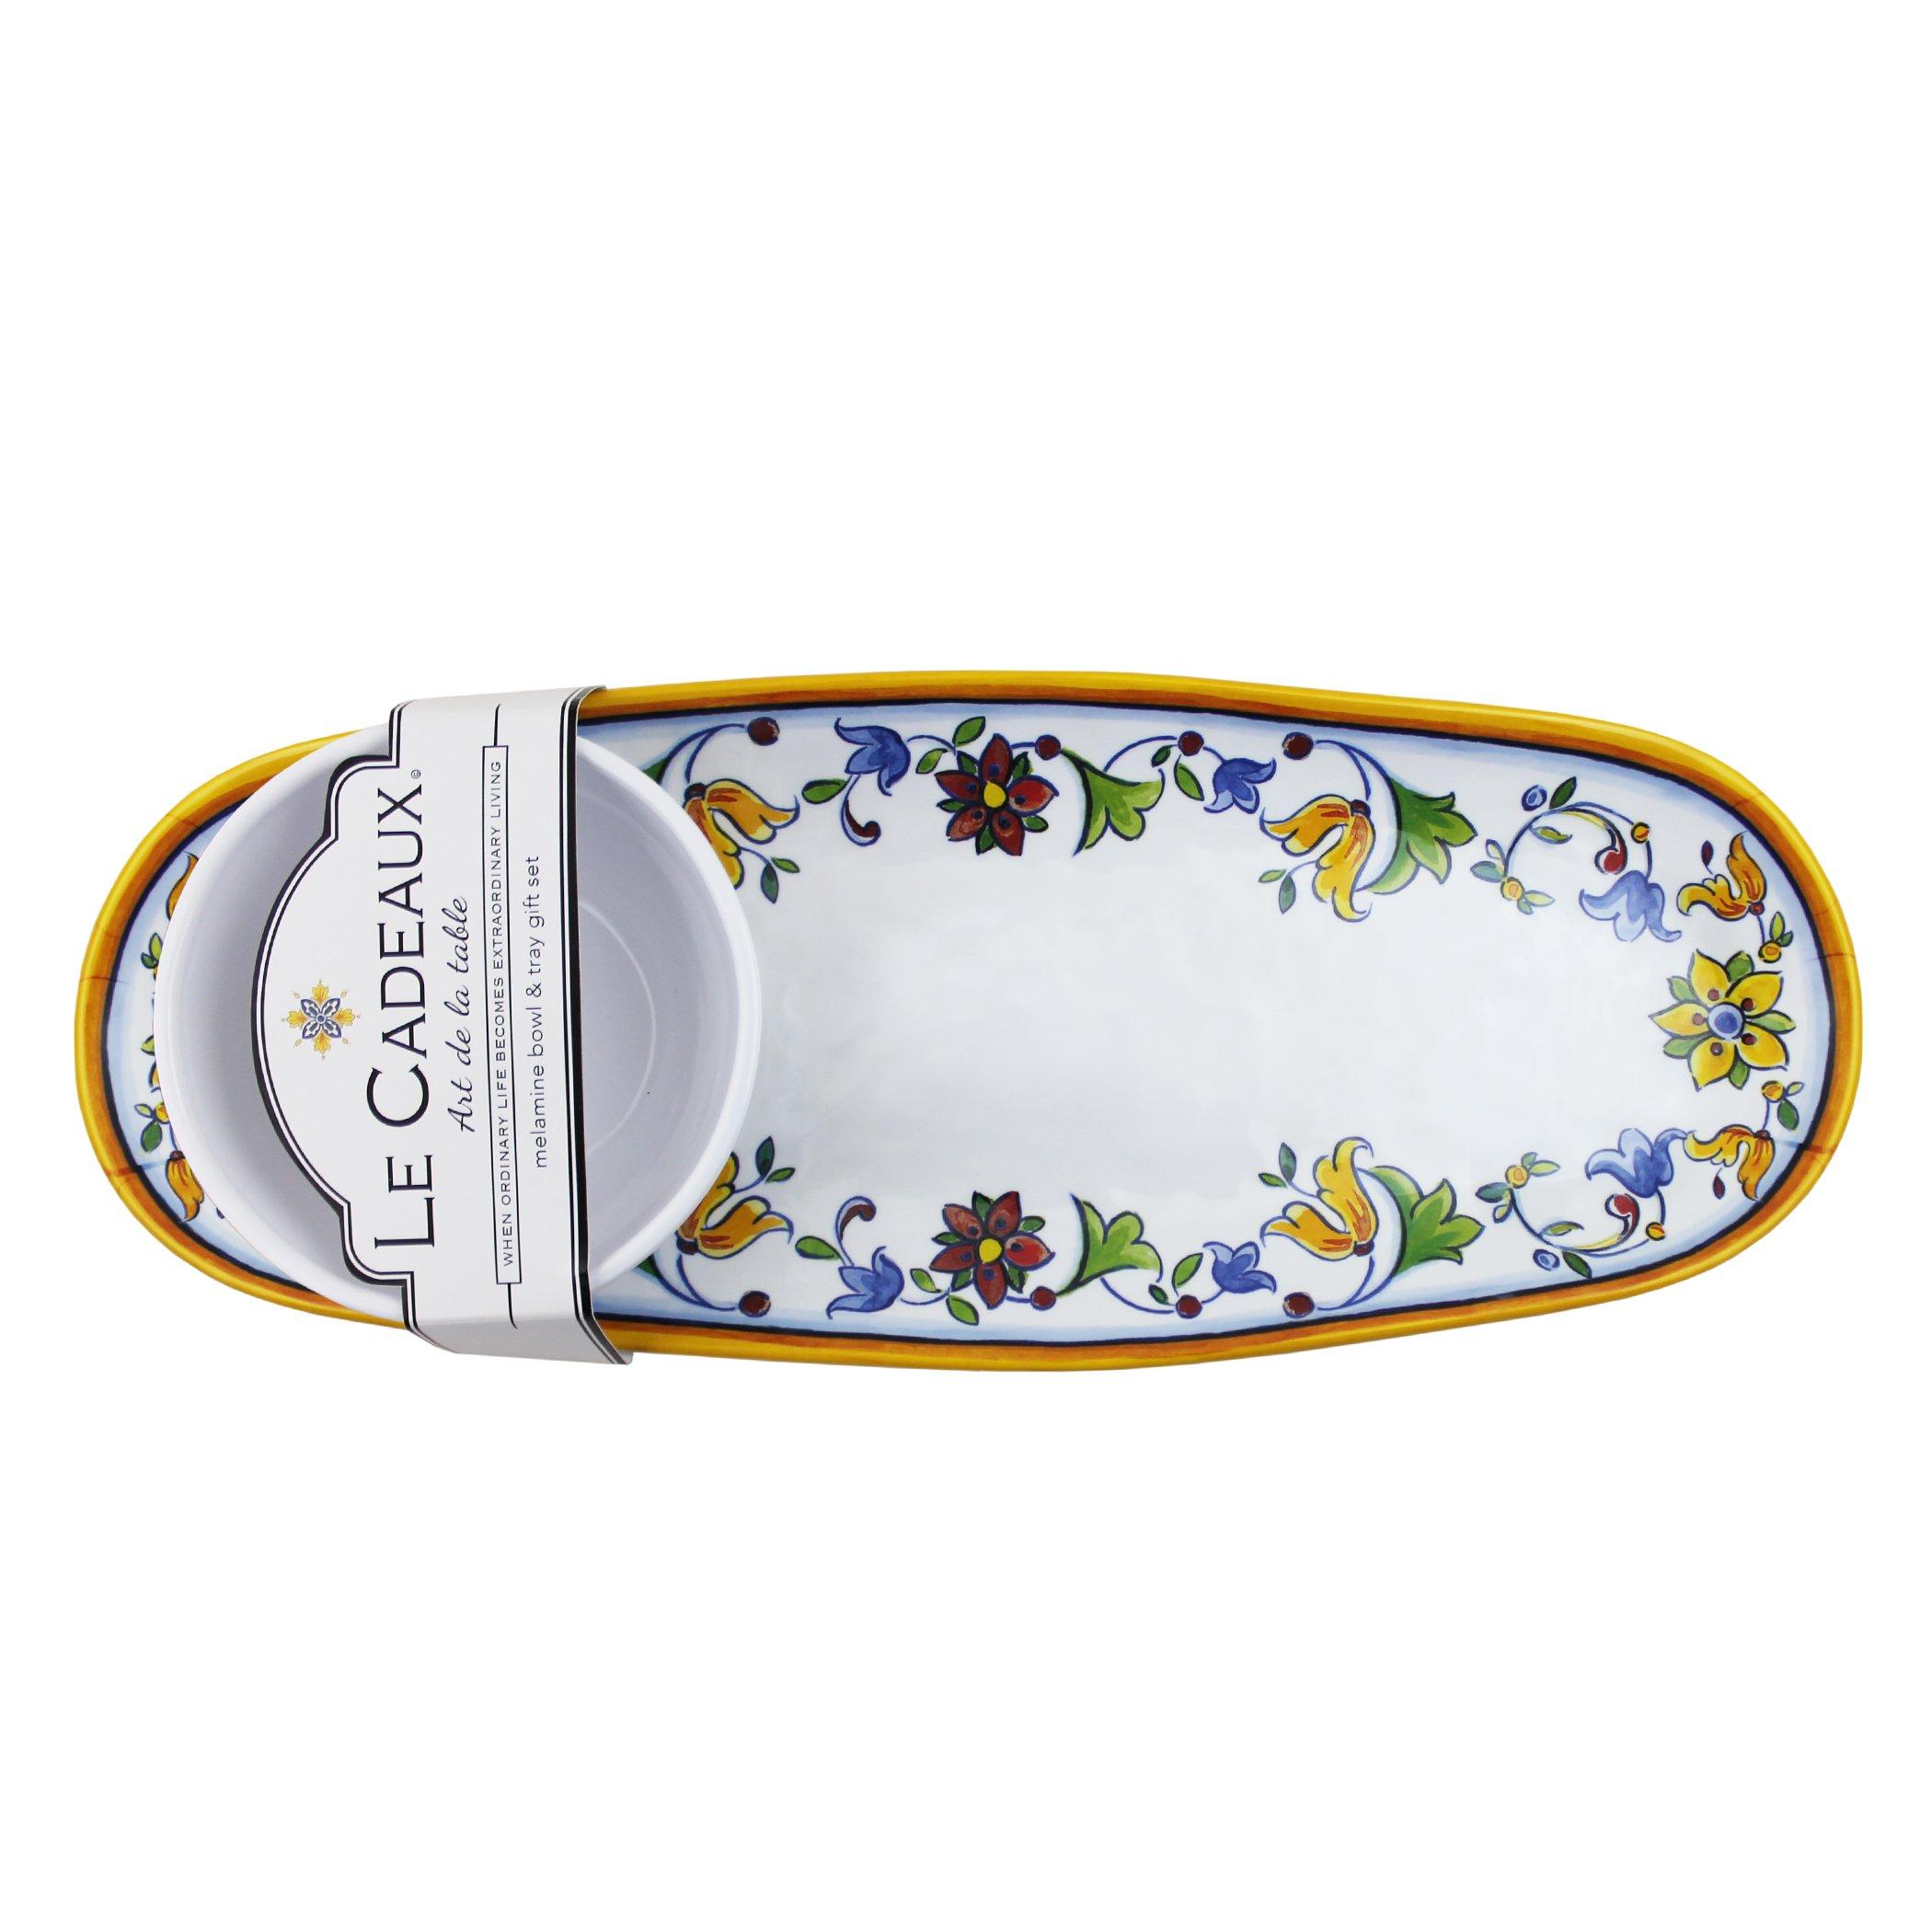 Le Cadeaux Melamine Capri - Tray and Bowl Serving Set